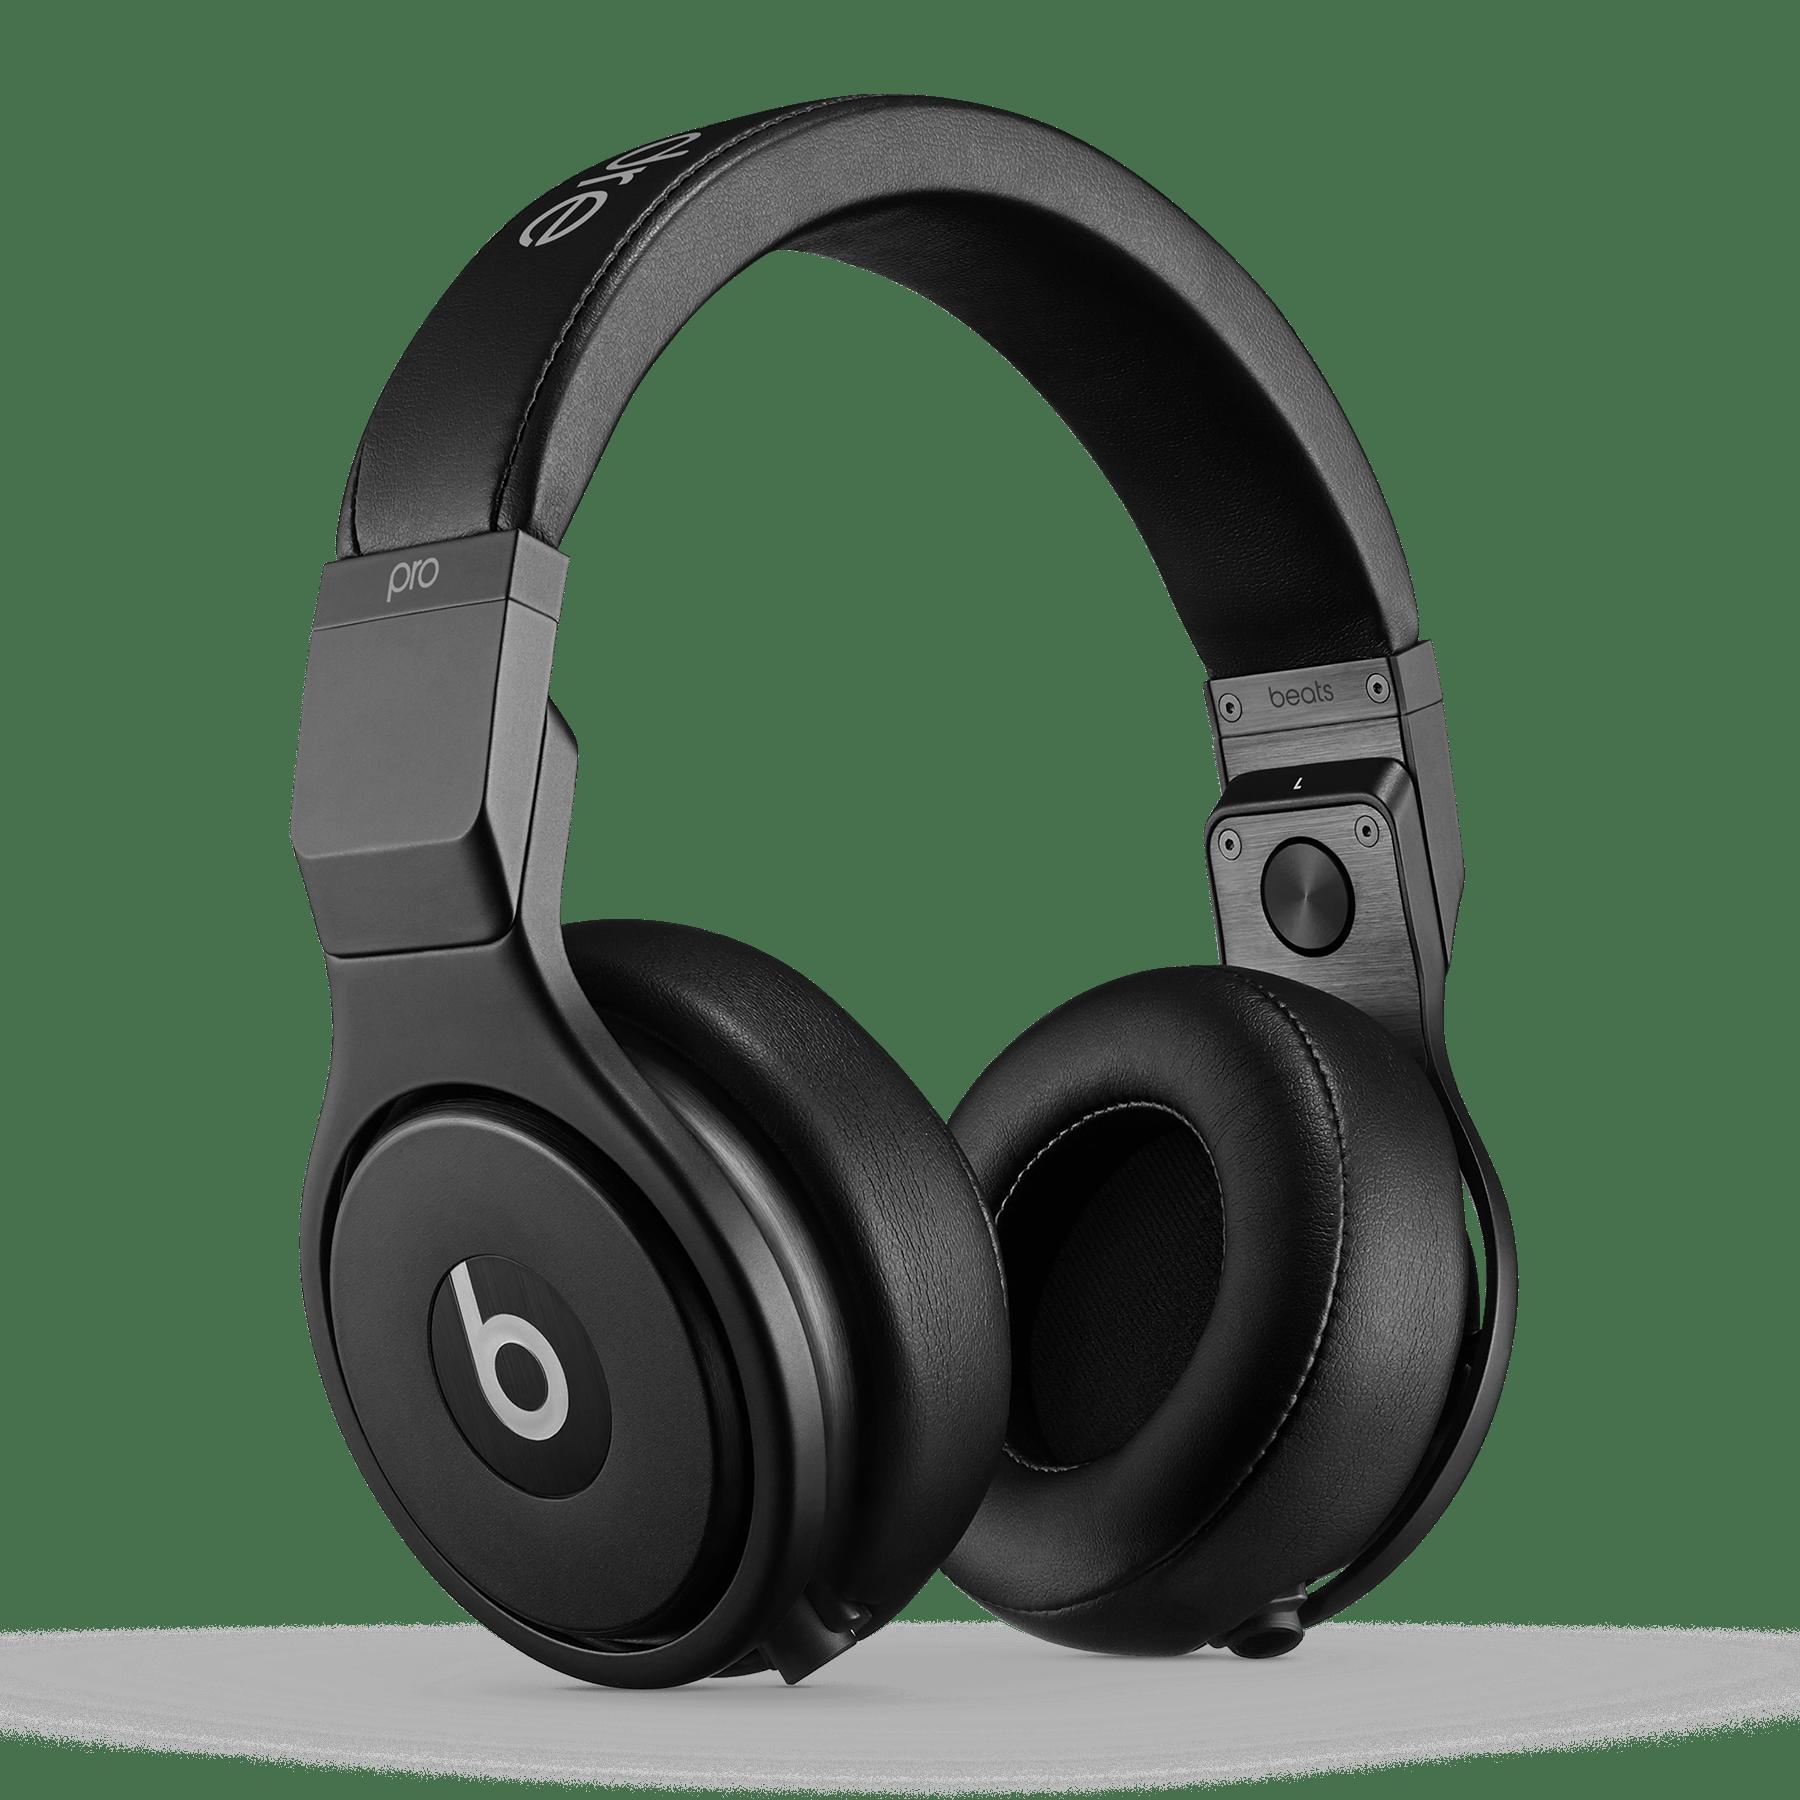 Beats pro by dre. Headphones clipart earpods